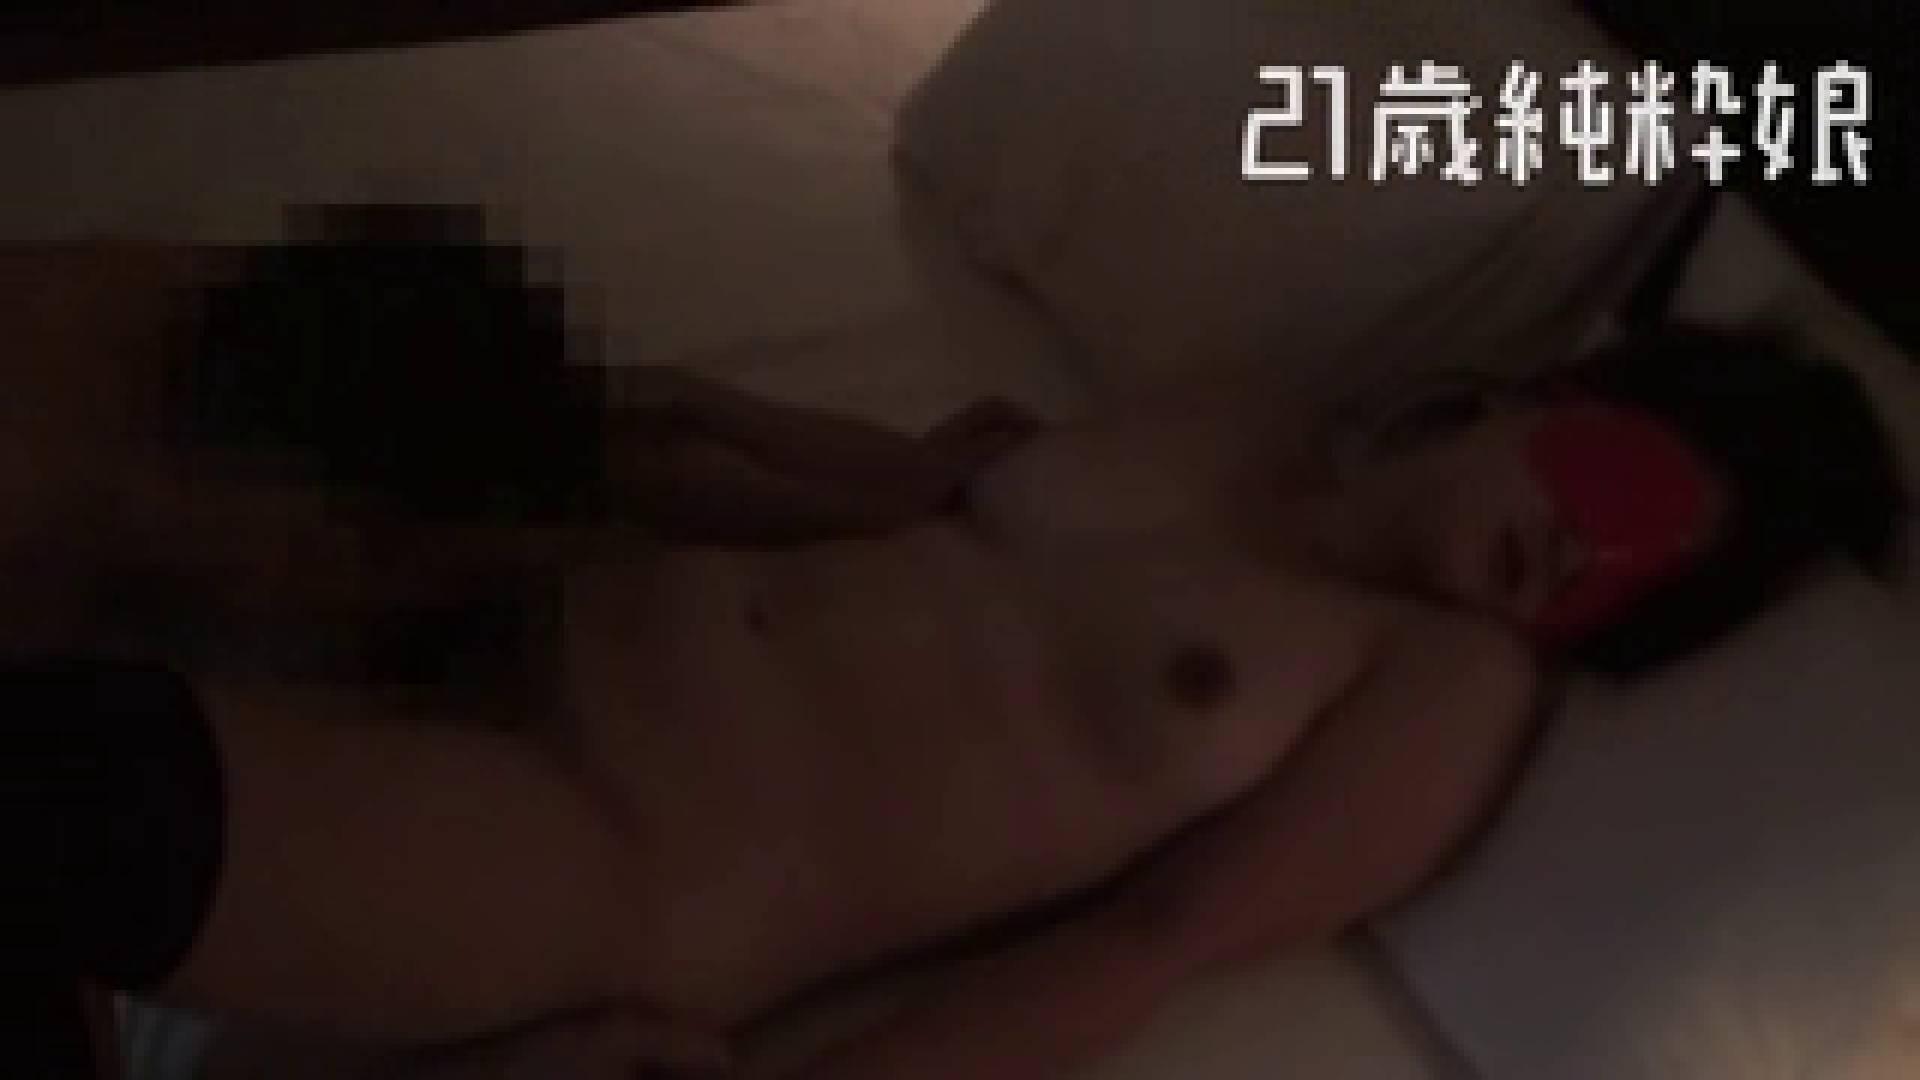 上京したばかりのGカップ21歳純粋嬢を都合の良い女にしてみた4 ホテル | ギャル達のおっぱい  96画像 78